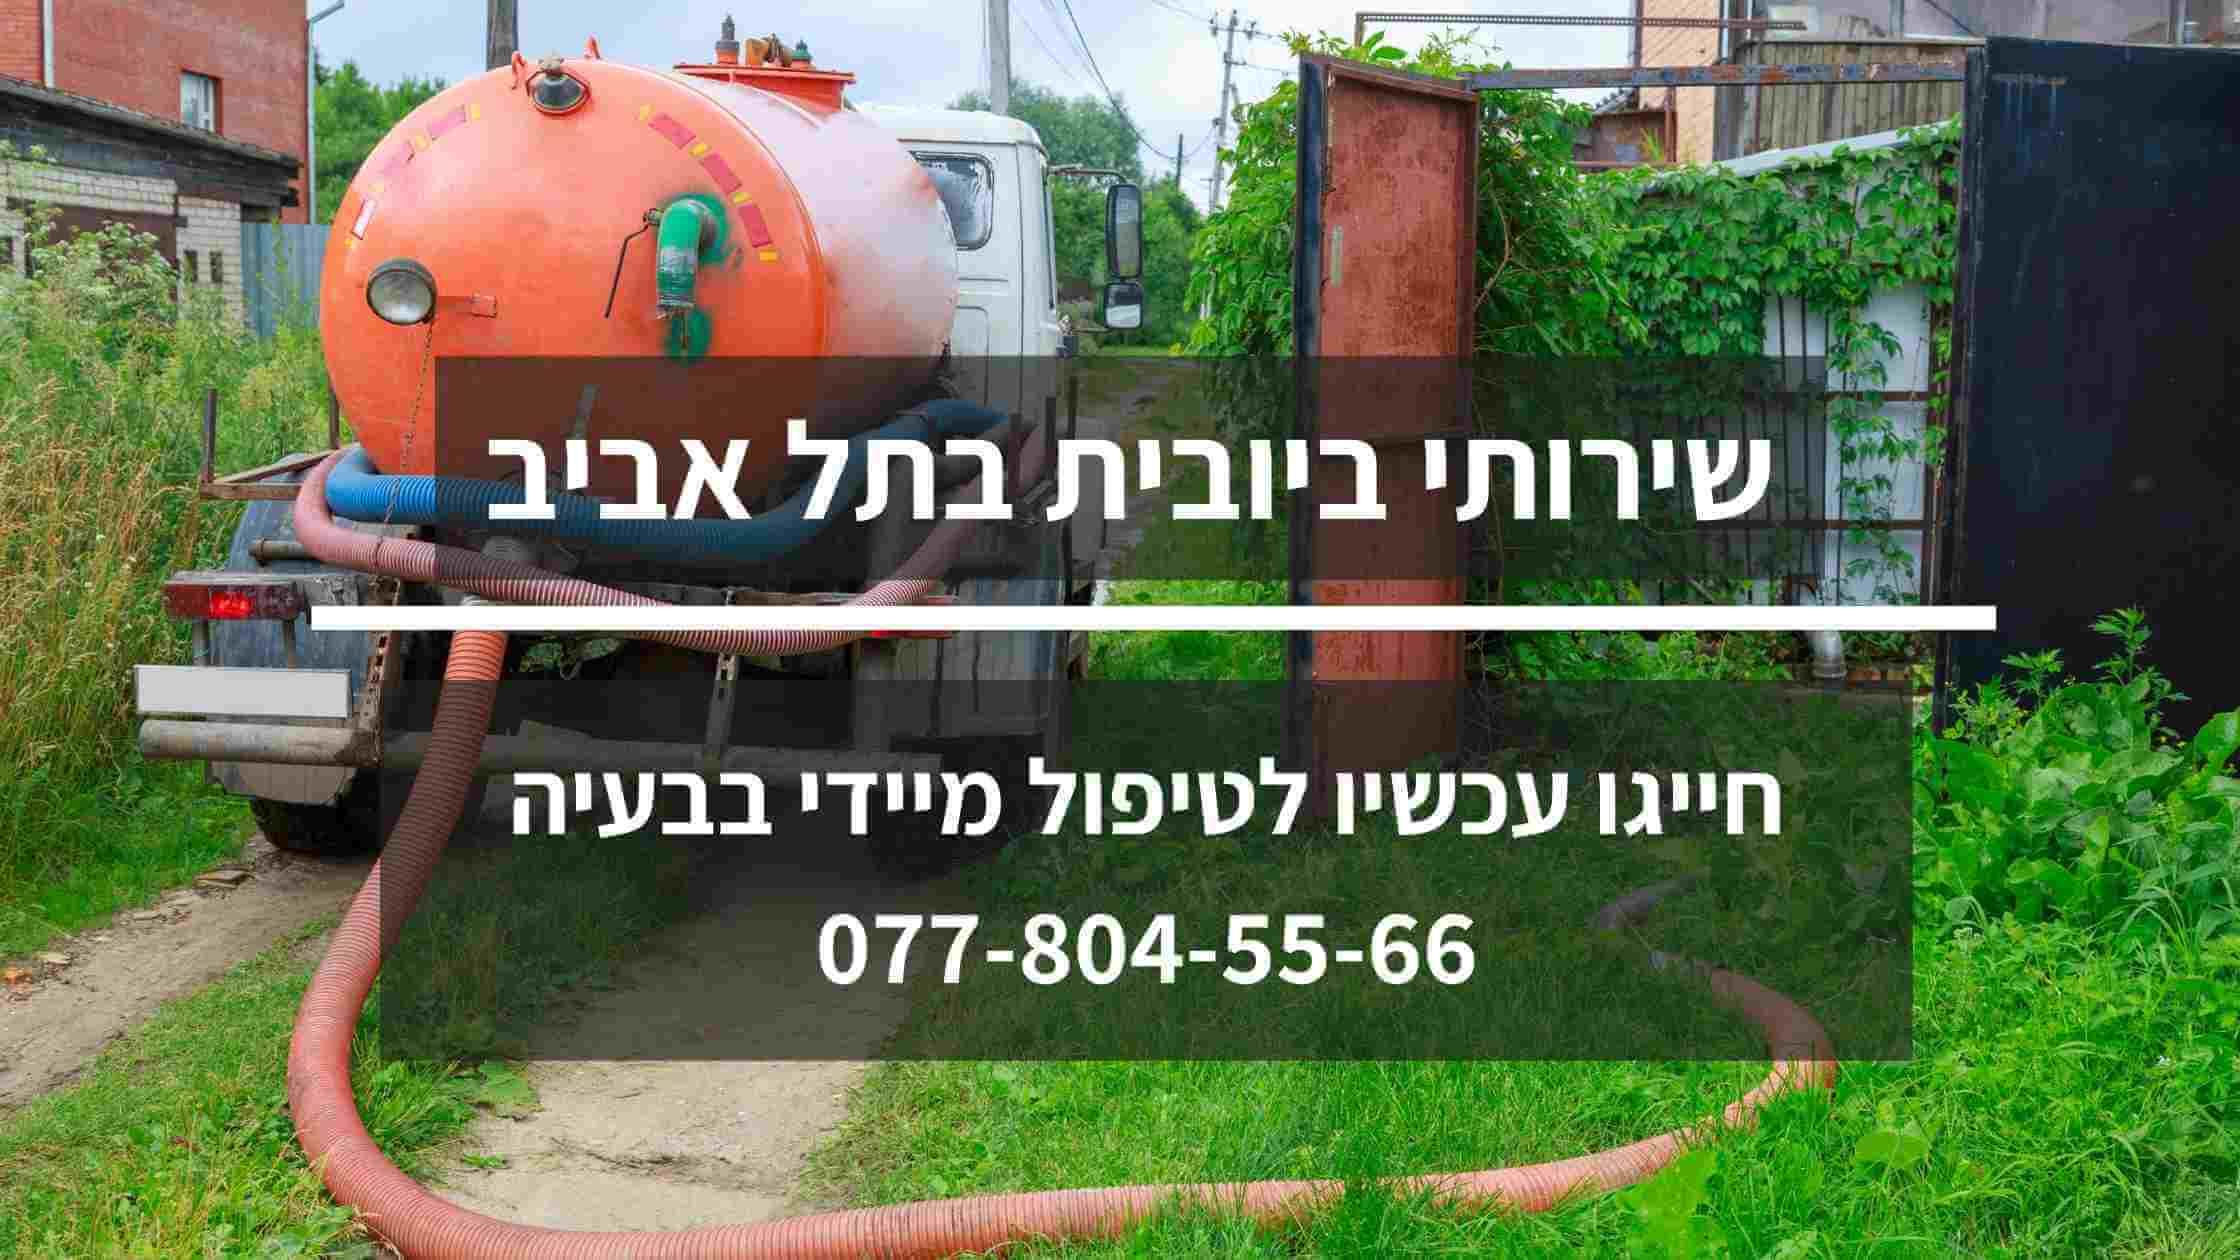 שירותי ביובית בתל אביב, שאיבת ביוב בתל אביב